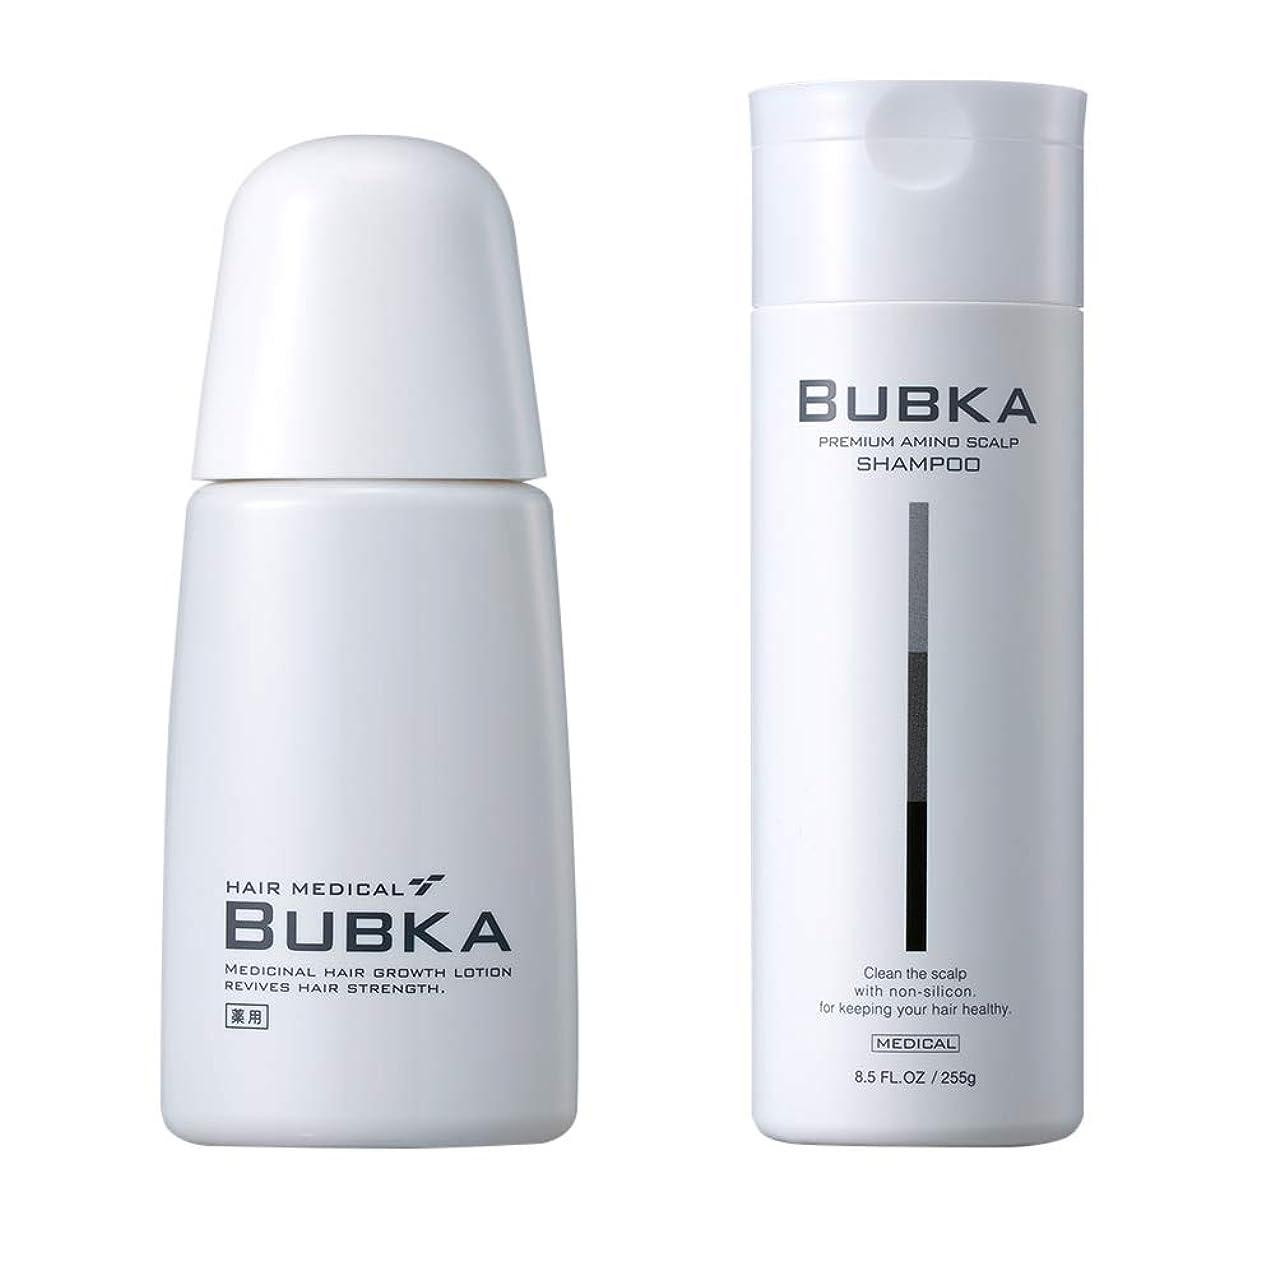 からかう毎日挨拶【BUBKA ブブカ 】濃密育毛剤 ブブカ-003M+BUBKAスカルプケアシャンプー おすすめセット